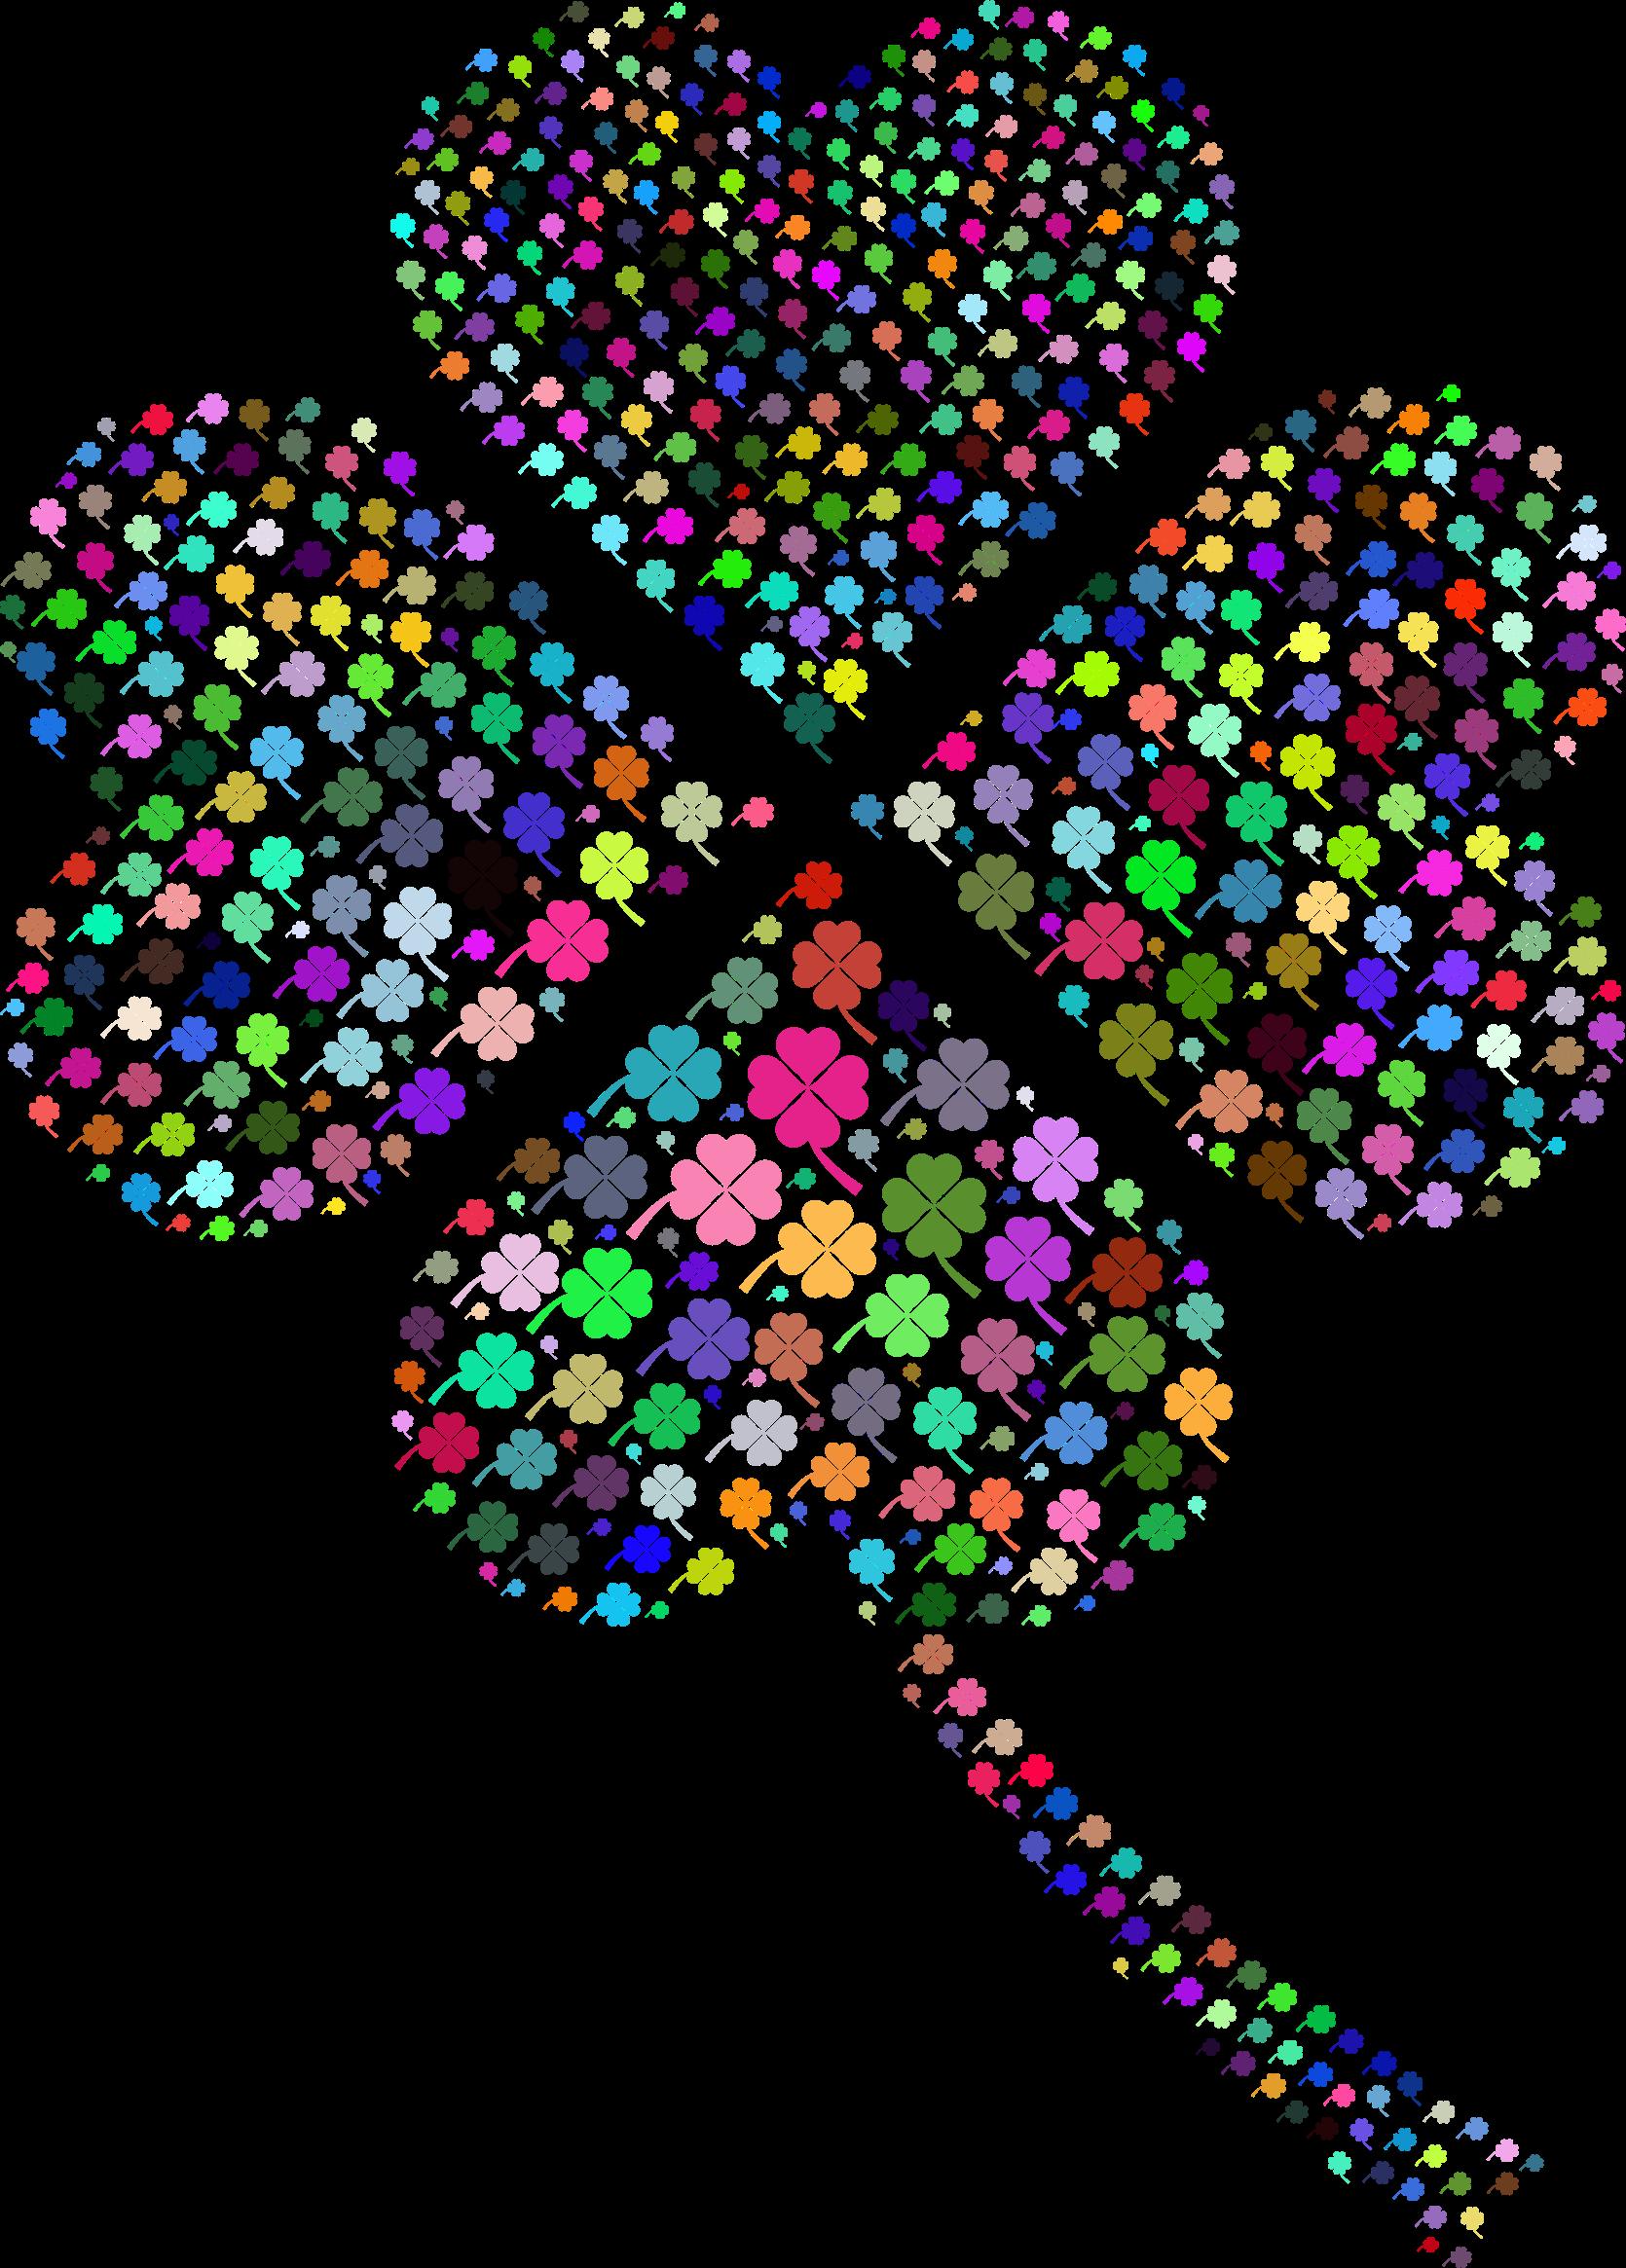 clipart prismatic four leaf clover fractal no background